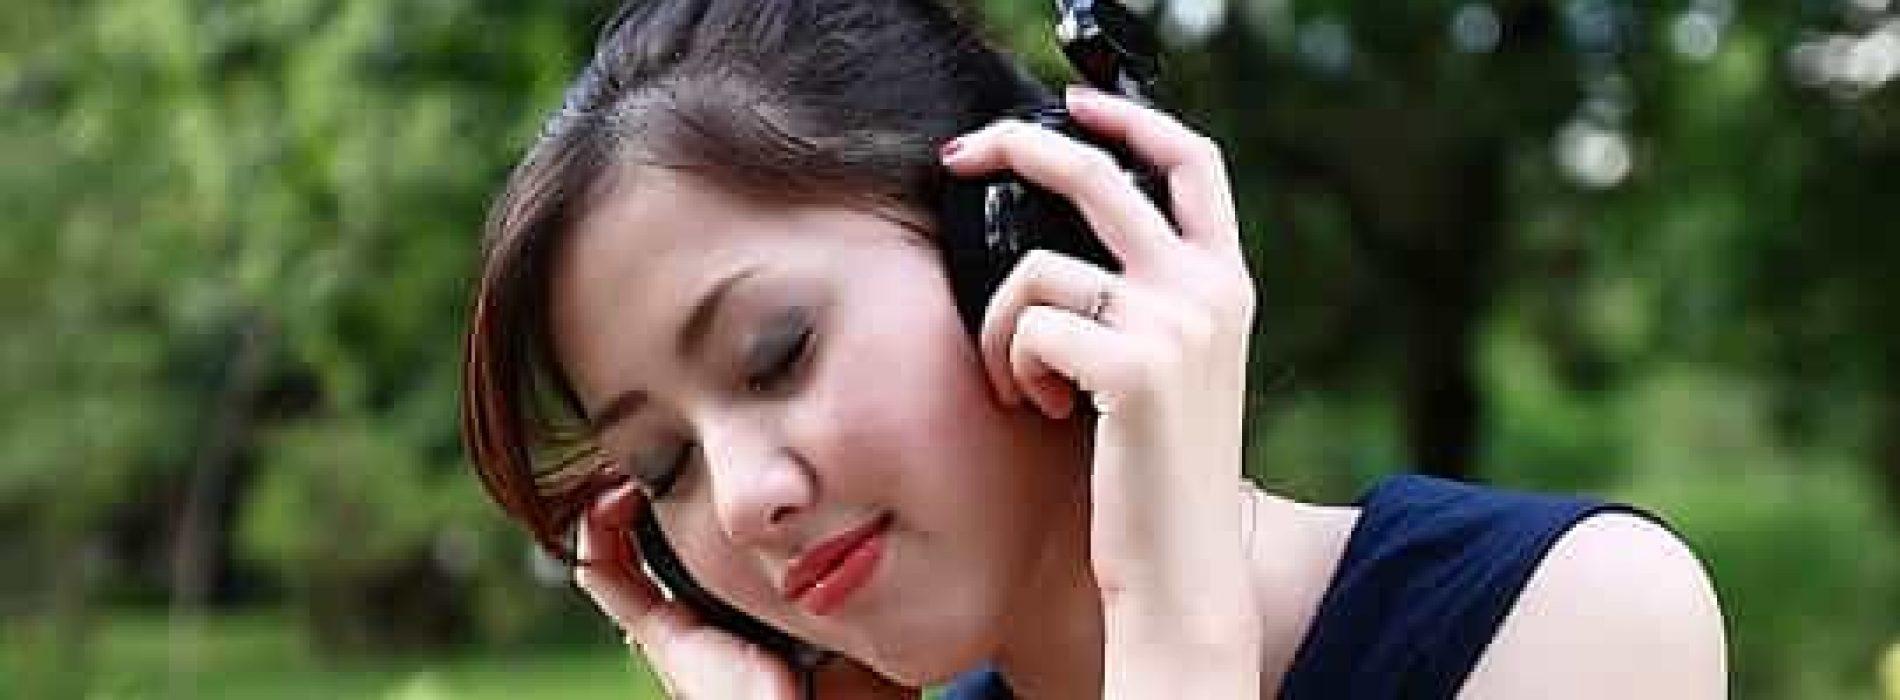 Hodetelefoner – Test og kjøpeguide (2020)